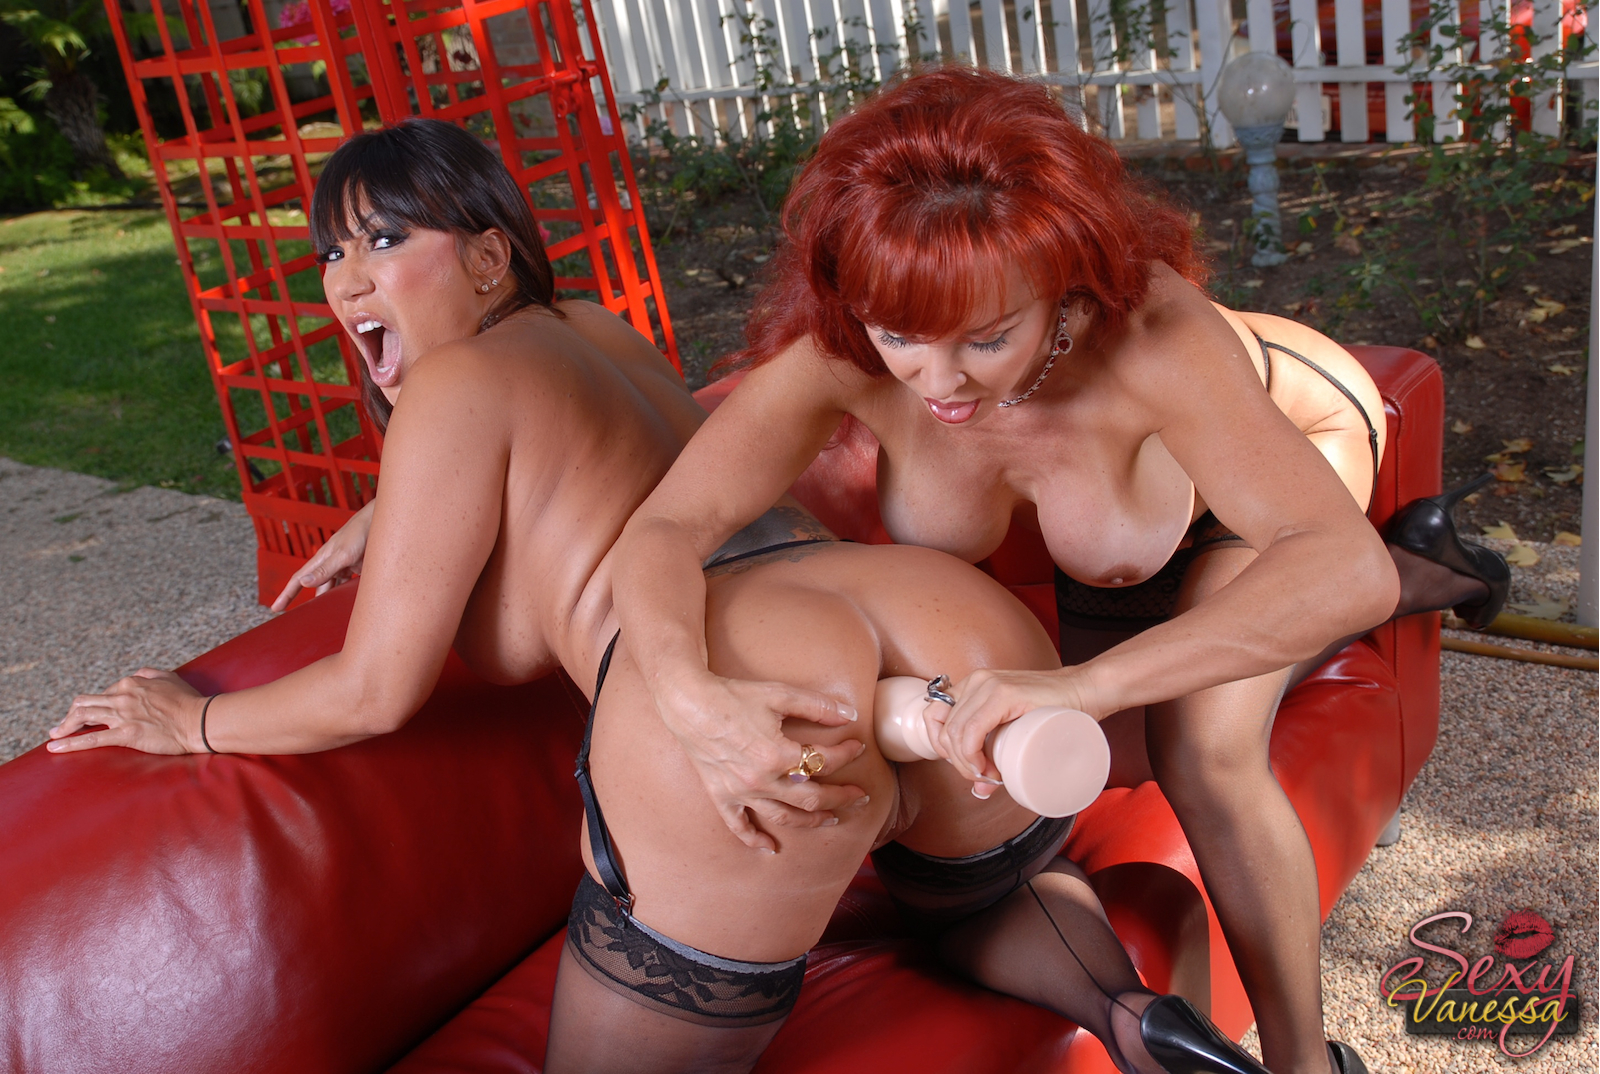 seksualnoe-vlechenie-k-zhenshinam-starshego-vozrasta